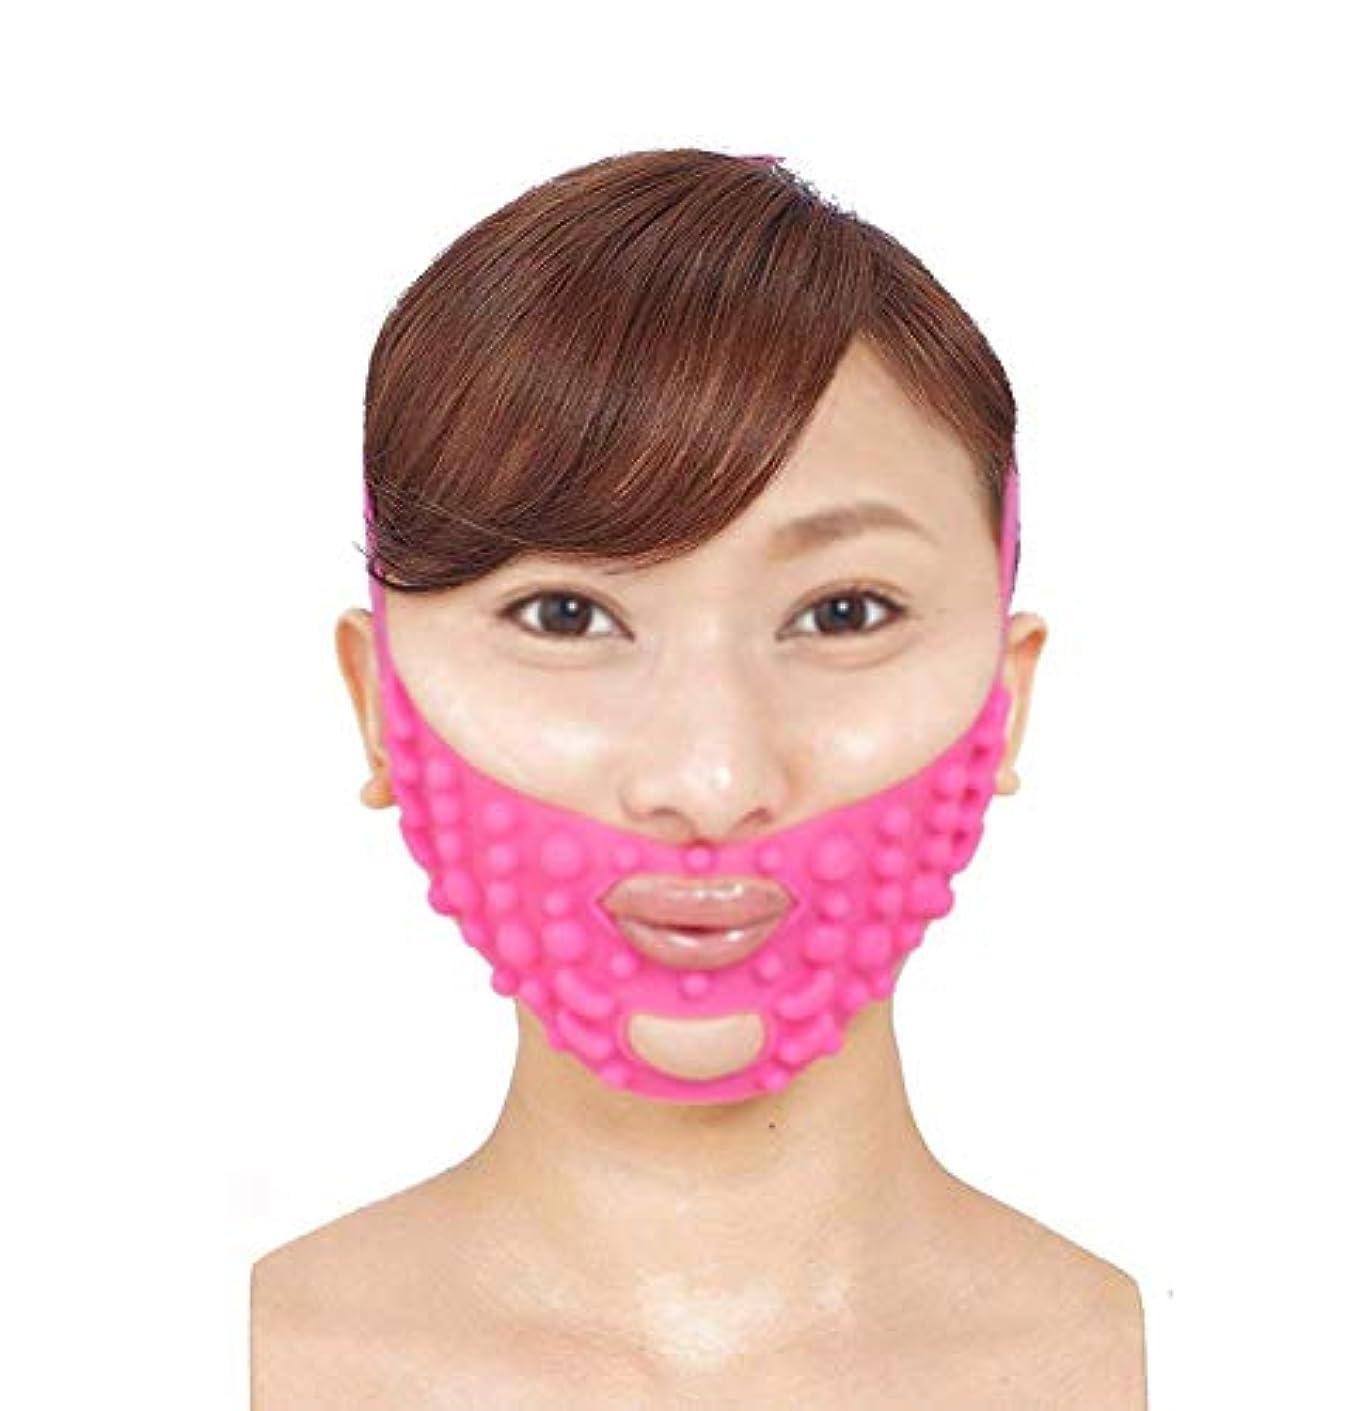 つかの間柔らかい純粋にフェイシャルマスク、リフティングアーティファクトフェイスマスク垂れ下がった小さなVフェイスバンデージ付きの顔 スリーピングフェイスダブルチンチンセットスリープエラスティックスリミングベルト